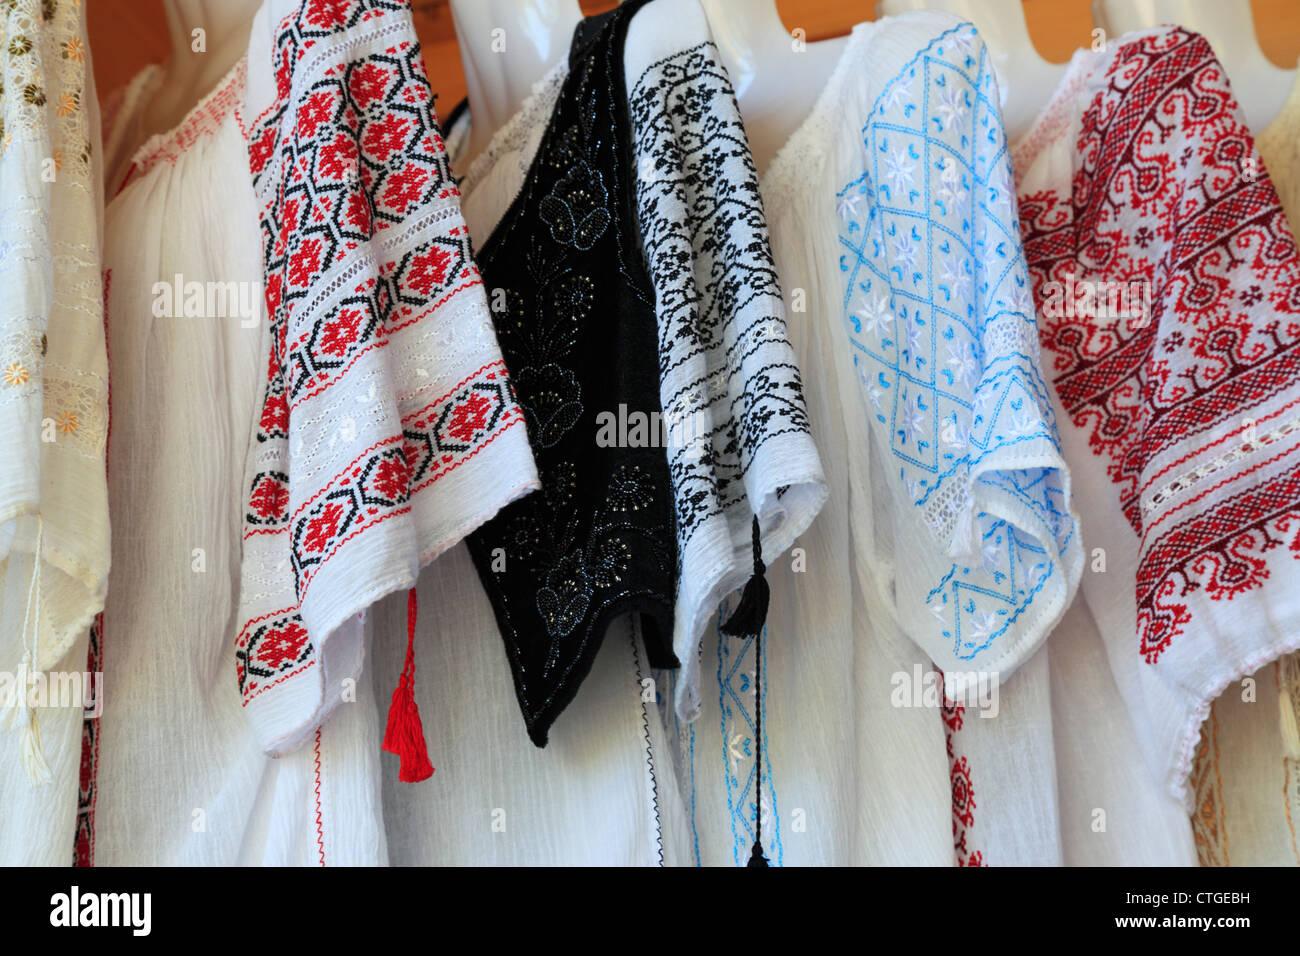 Womens camisas bordadas colgando en una tienda de regalos en el salvado 3a5525d228673